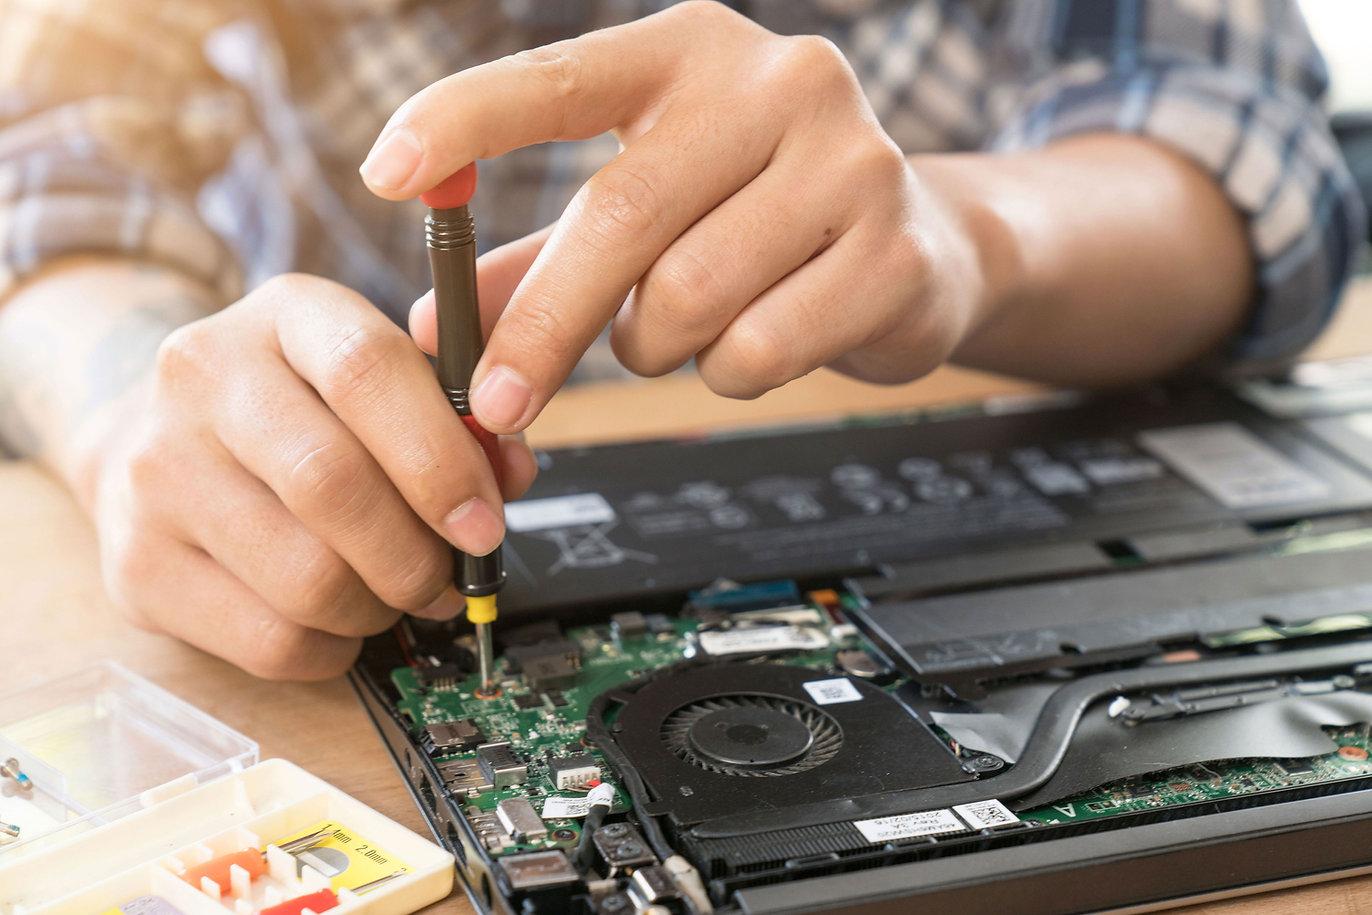 Laptop-Repair-High-1.jpg